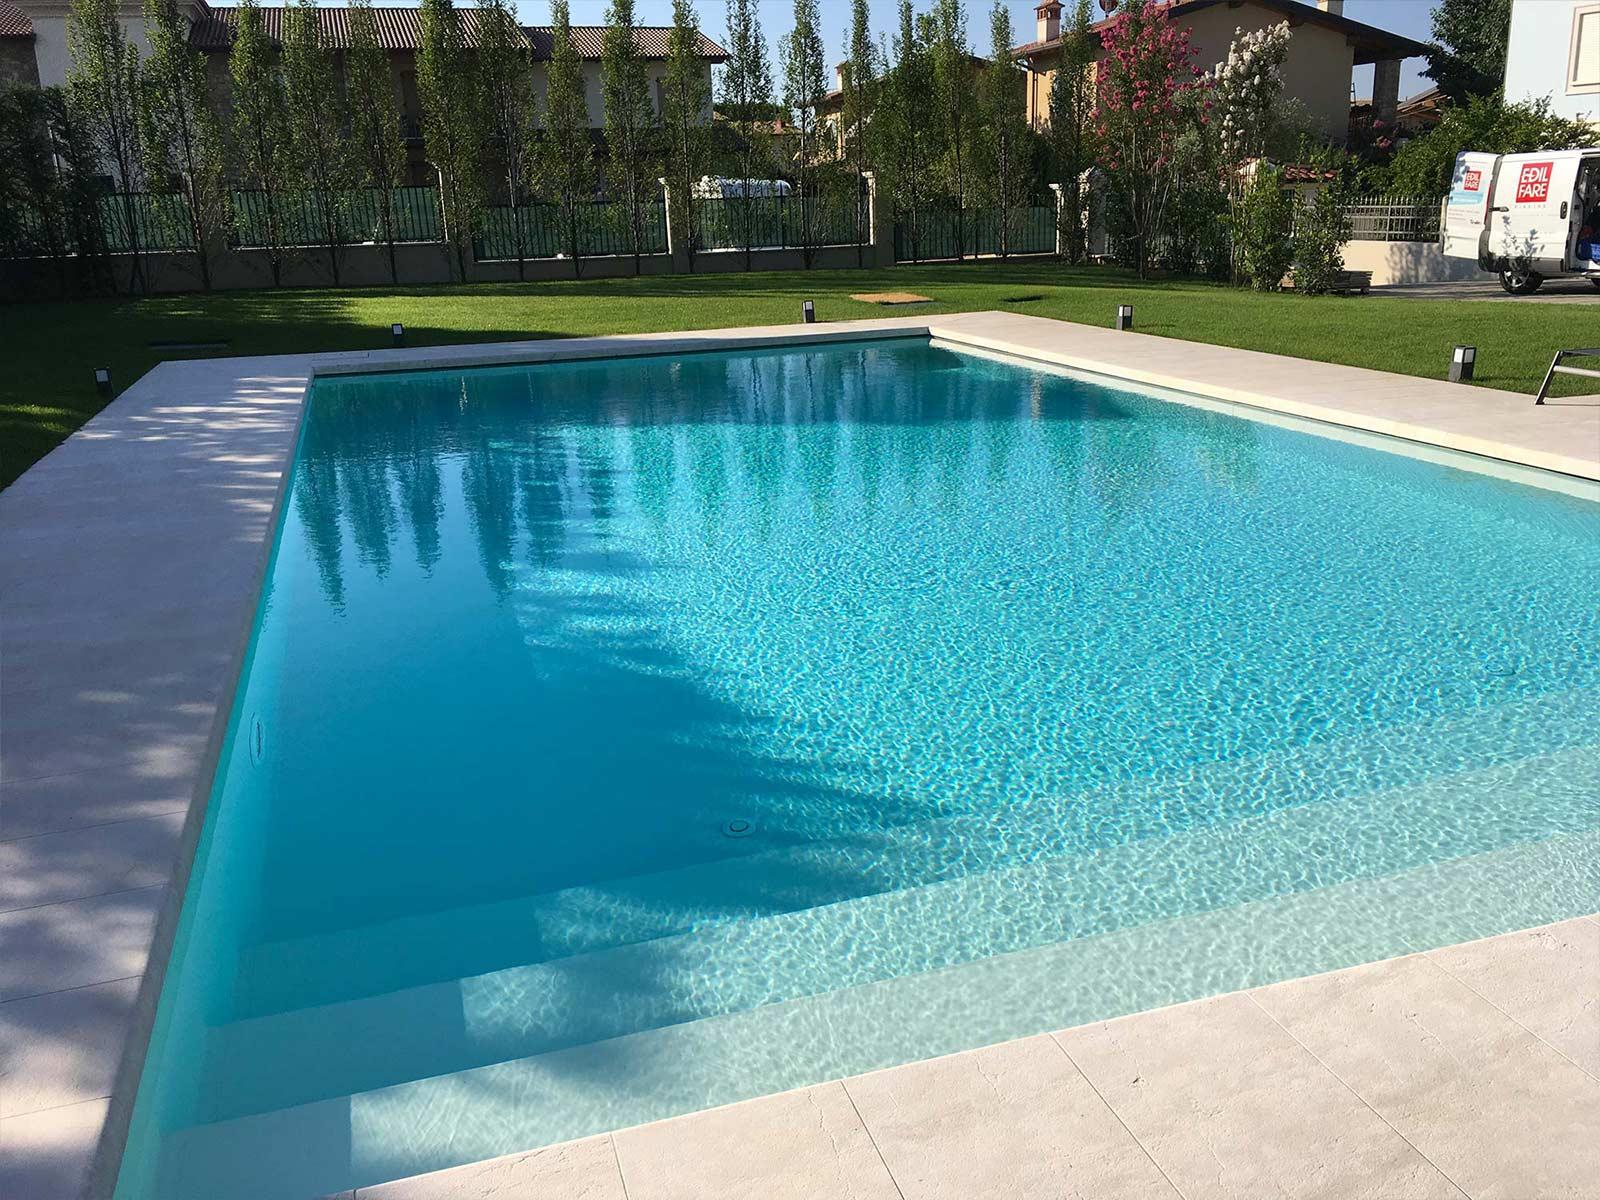 piscina a sfioro con ingresso laterale a gradoni